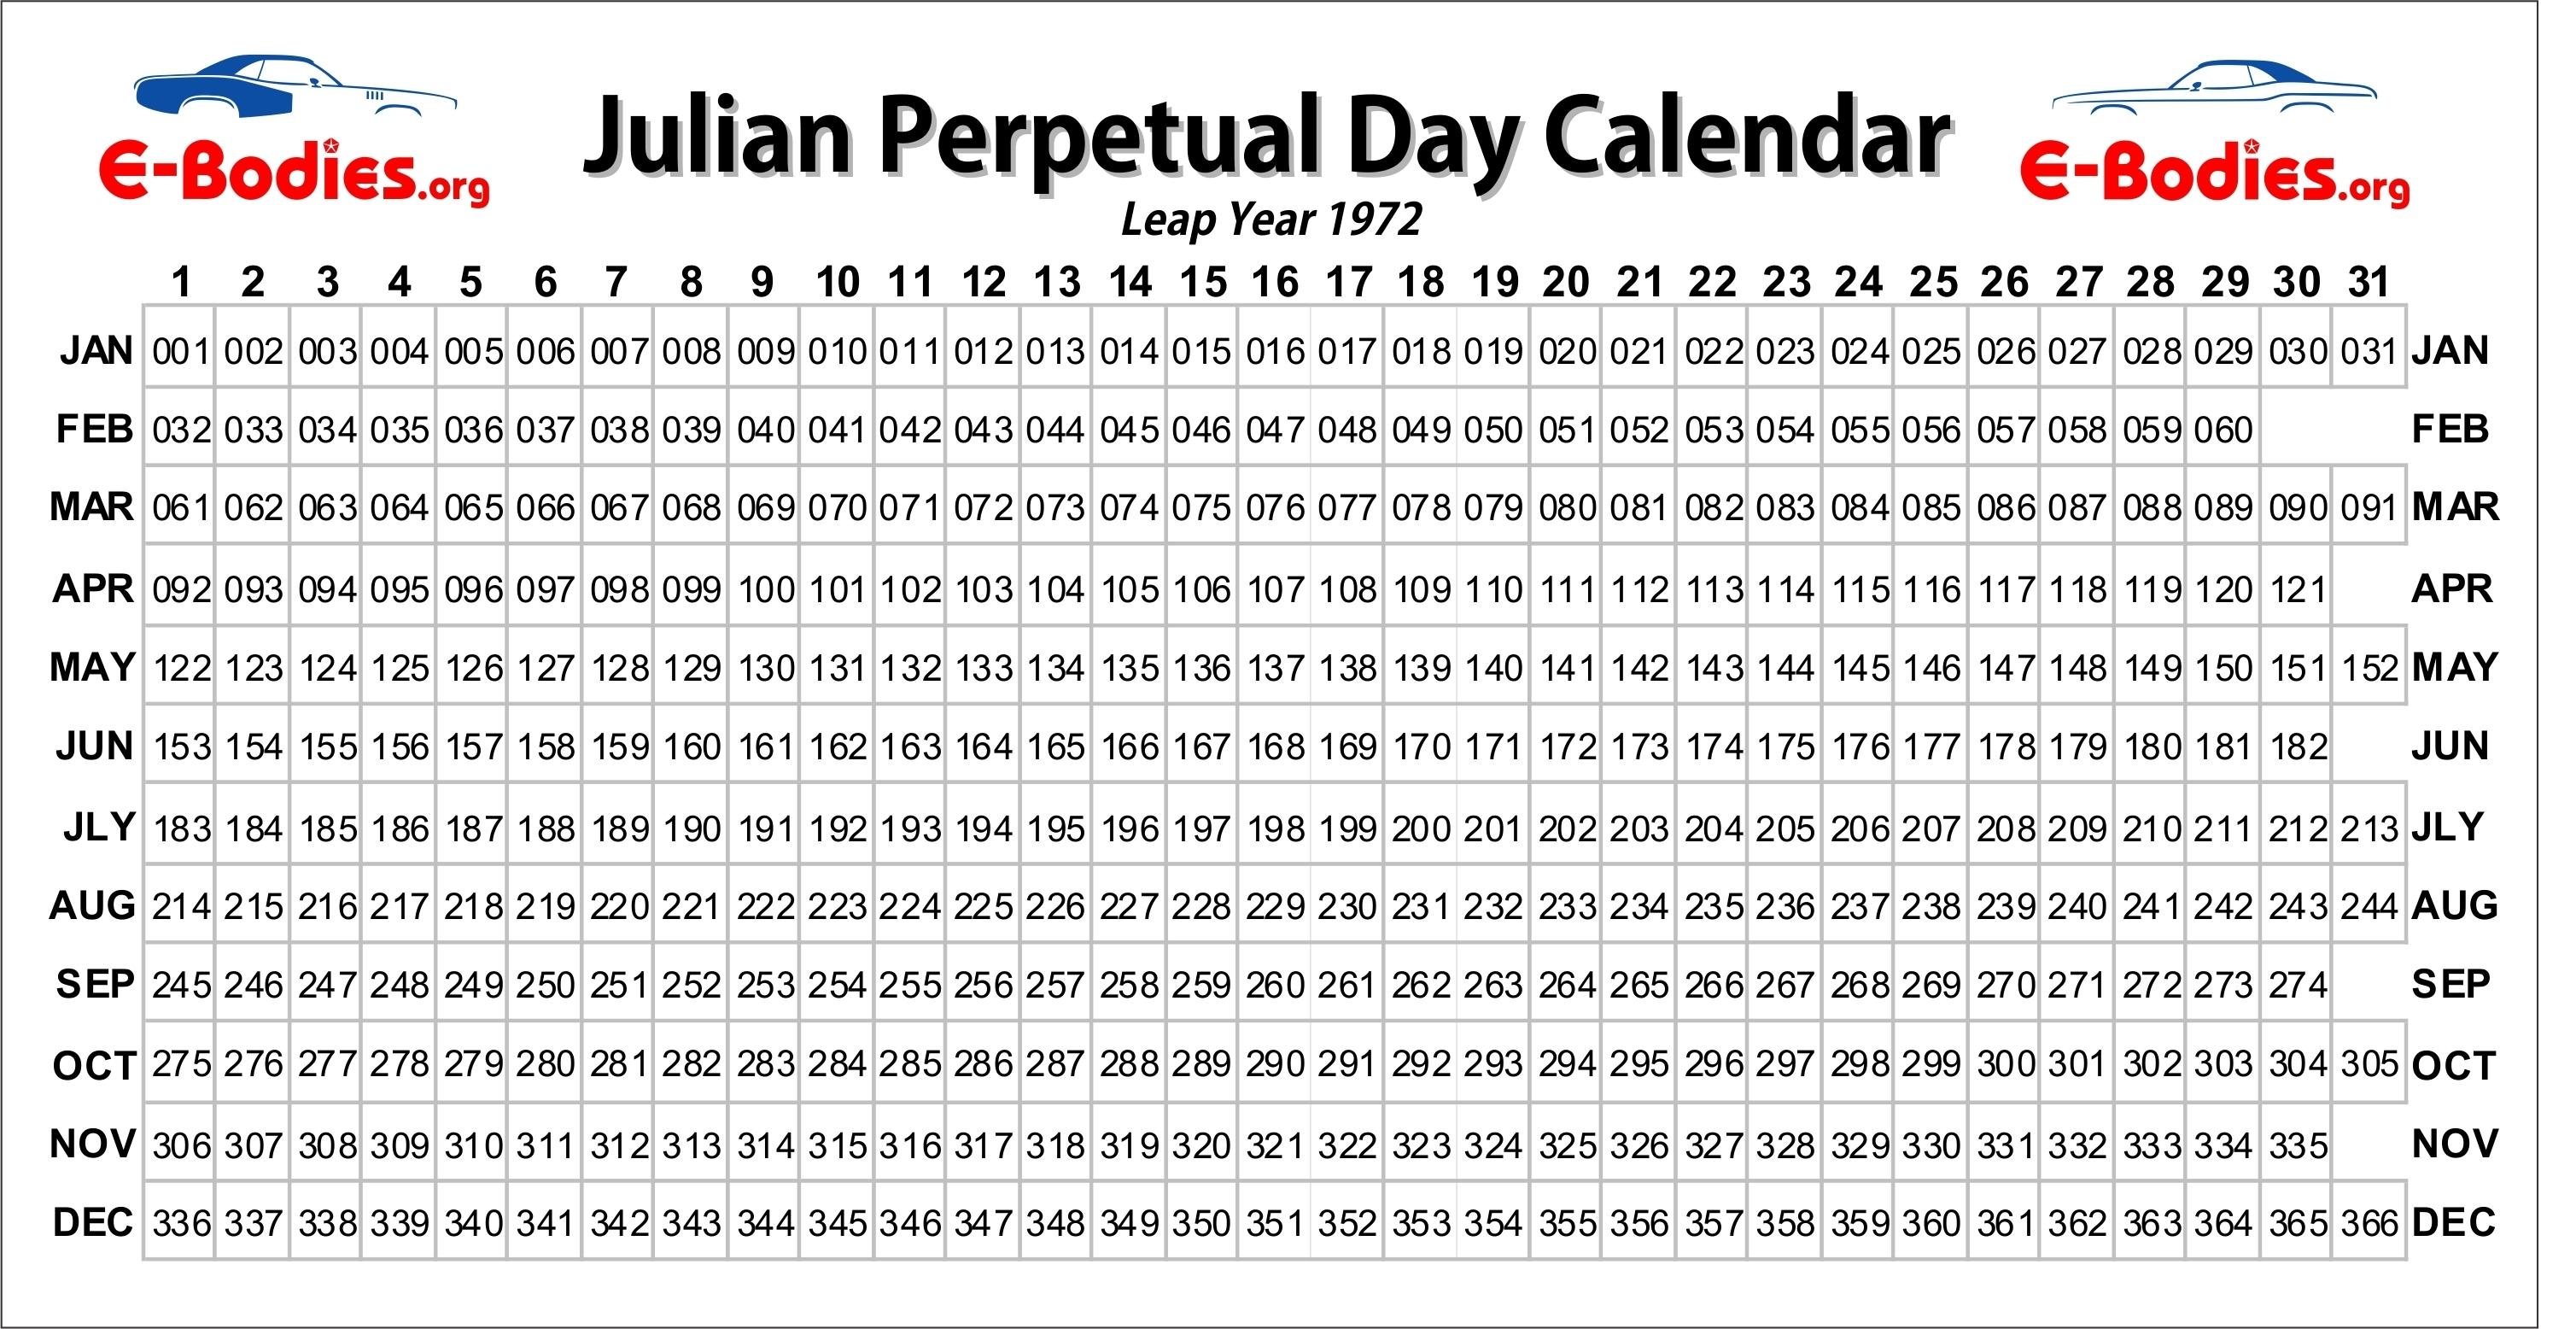 Mopar Julian Perpetual Day Calendar Leap Year – E-Bodies in Julian Date For Leap Year